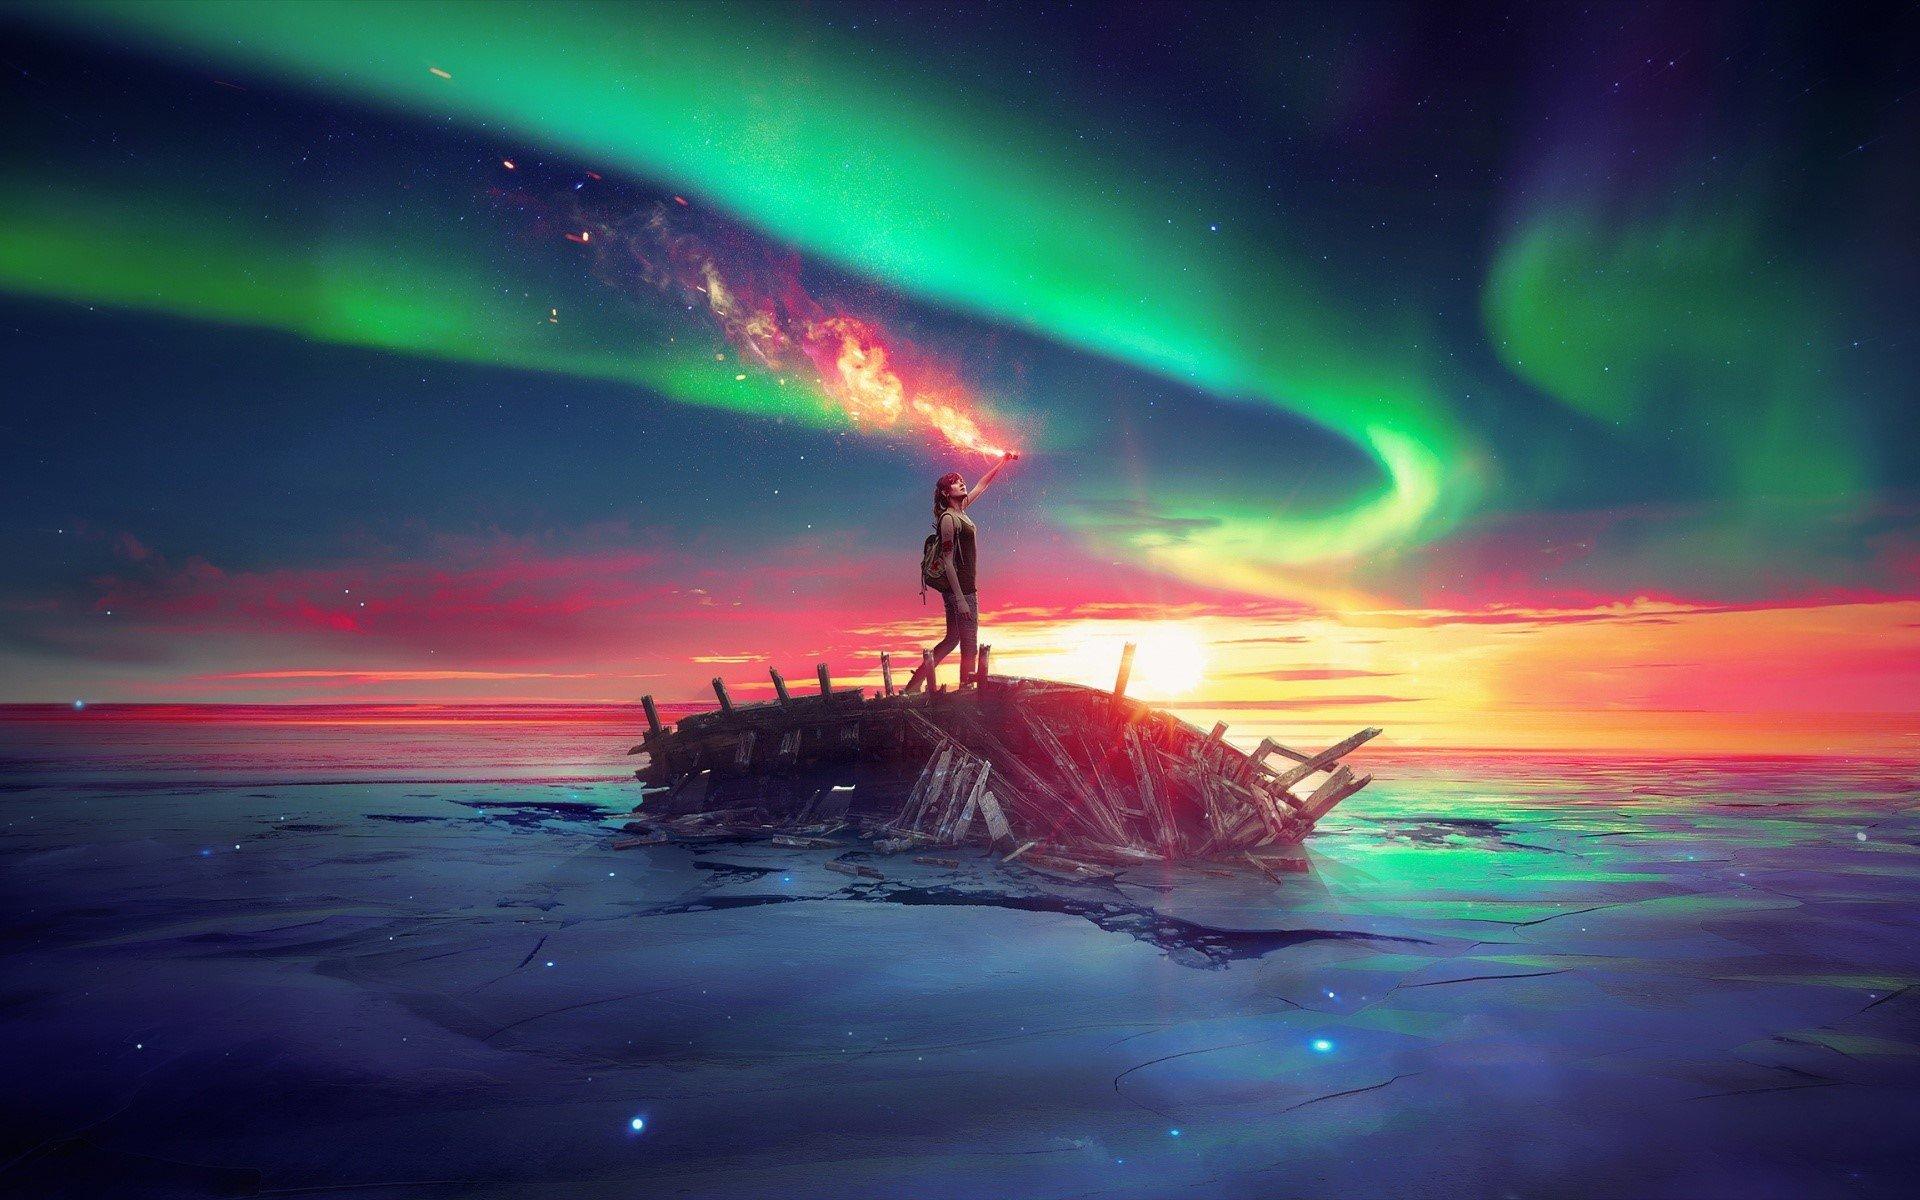 Fondo de pantalla de Un hombre en un barco en el cielo y mar Imágenes